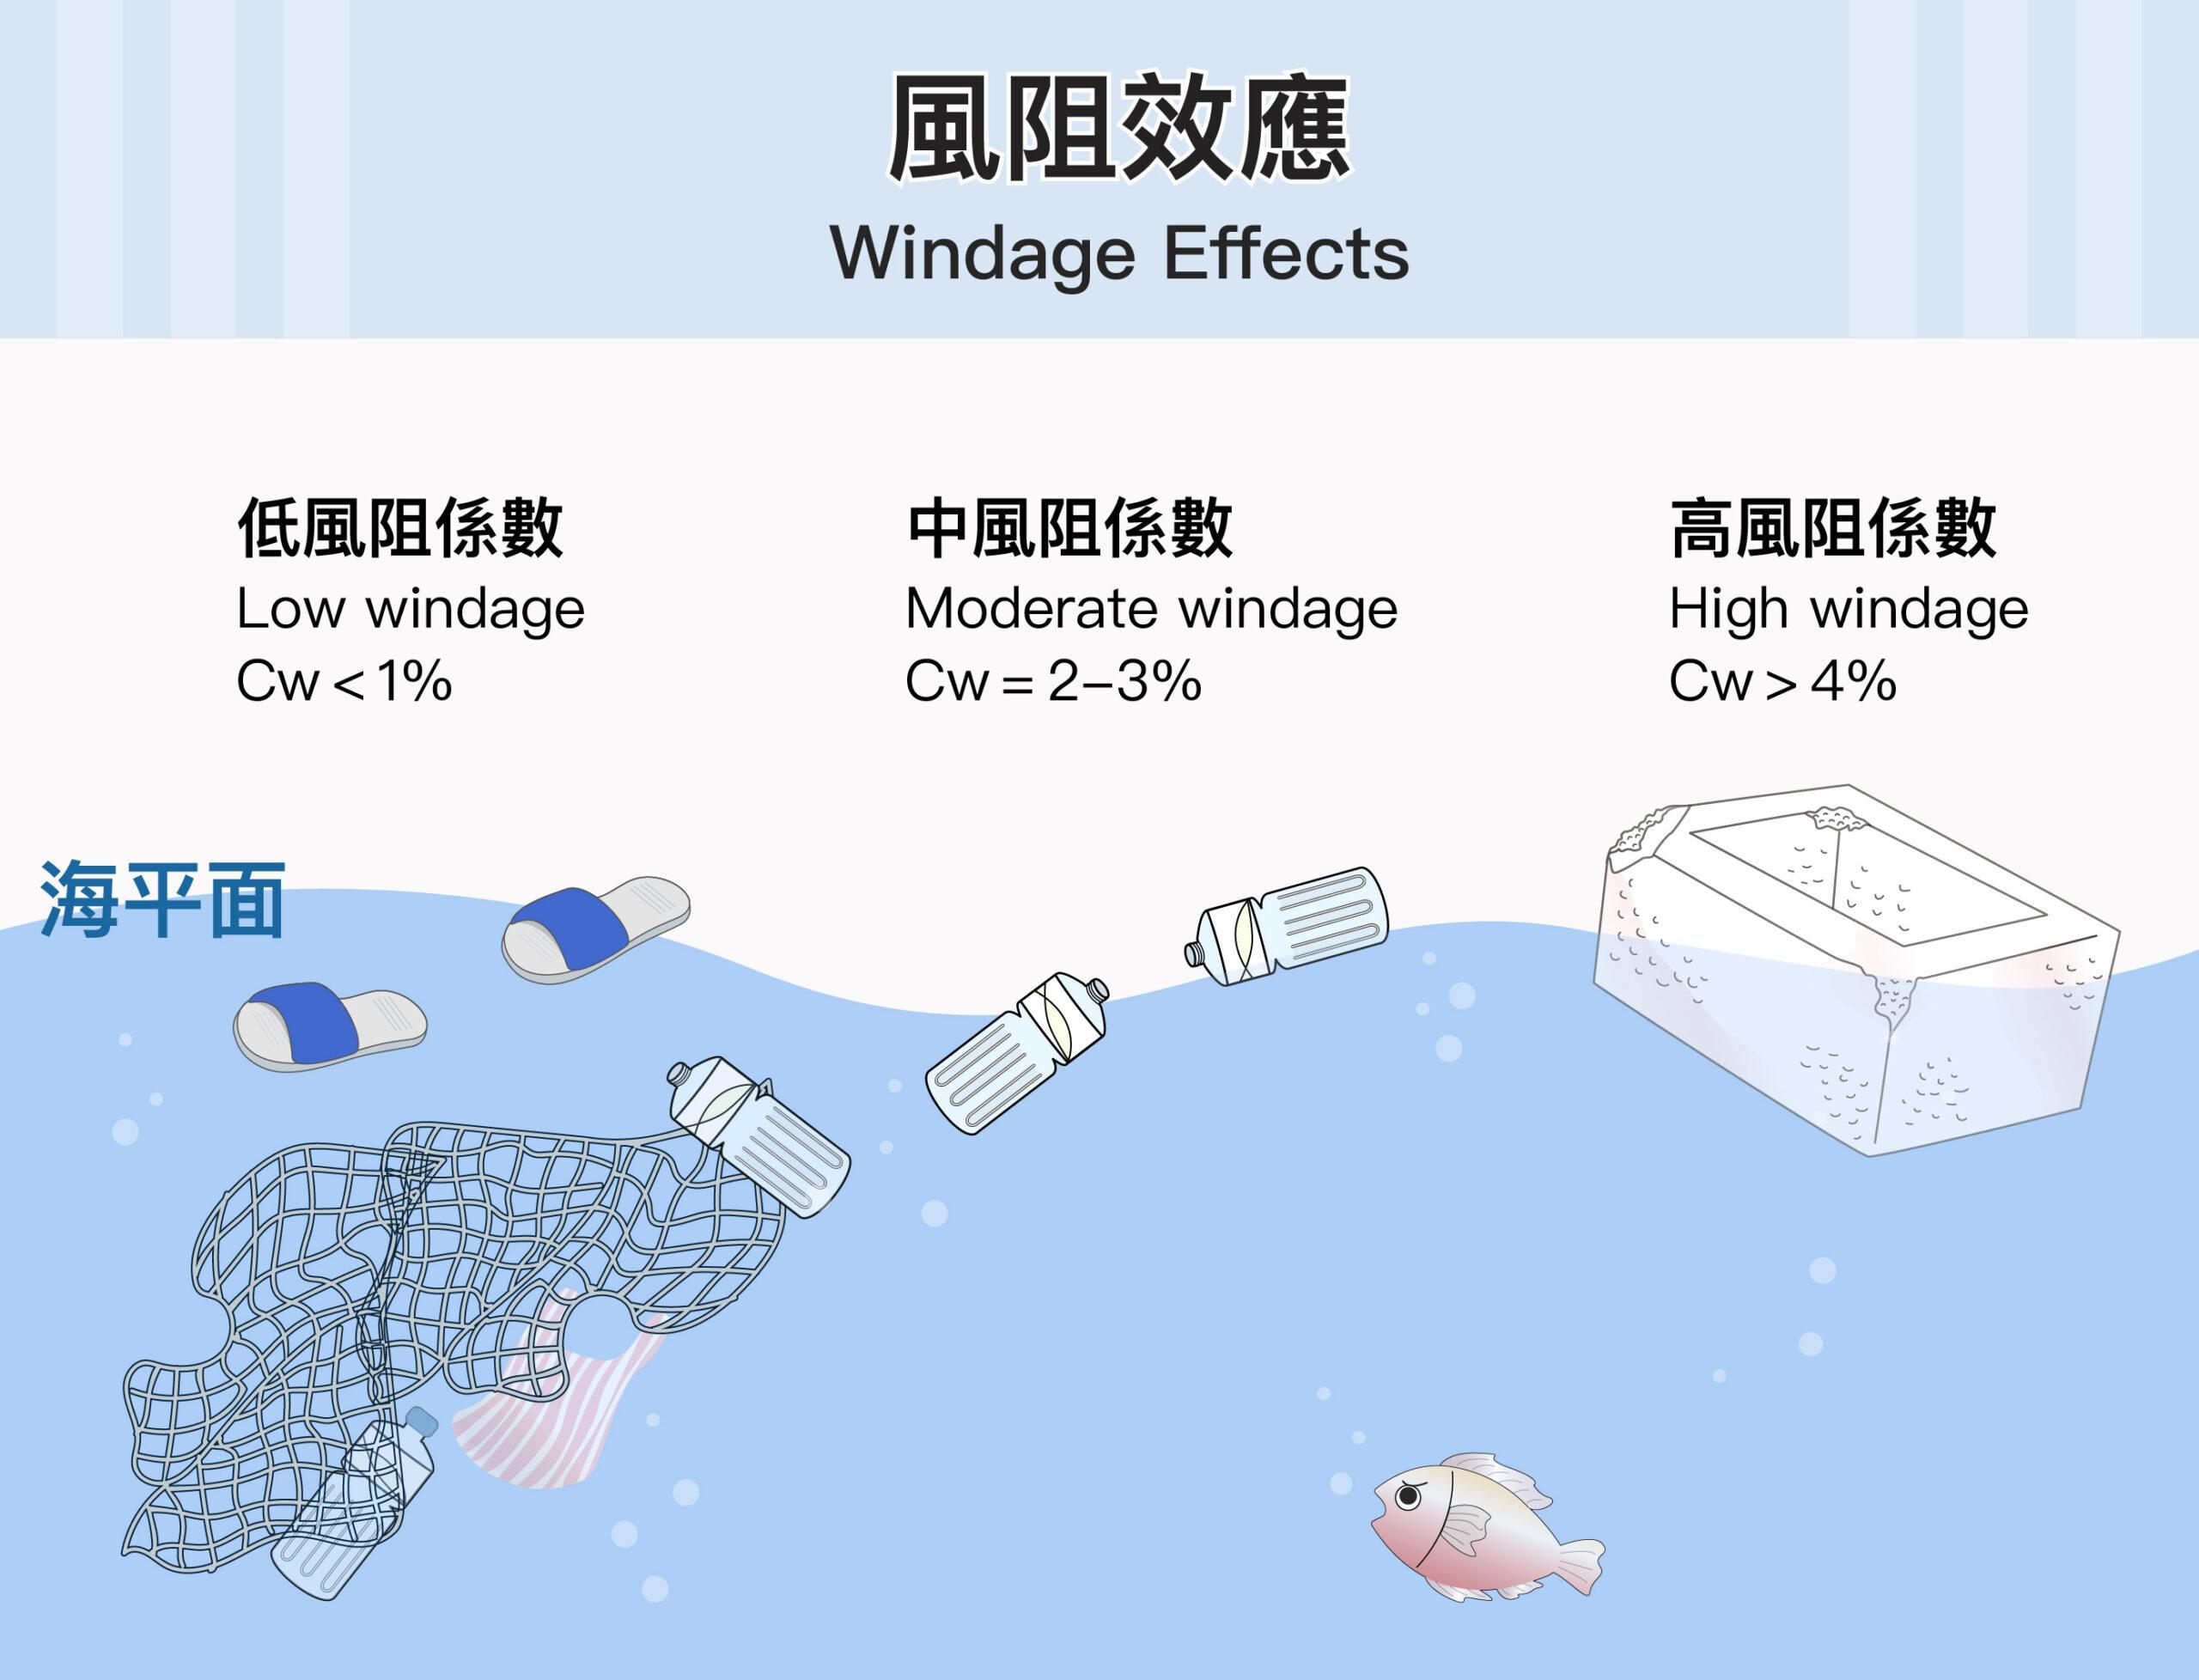 海漂垃圾的風阻係數(Cw)為 0~0.1,風阻係數高的垃圾有機會被風吹到岸上,風阻係數低的可能就漂浮在海面。Cw 越高,表示受到風的阻力越大,如大體積保麗龍,受風面大很容易跑到岸上;塑膠拖鞋 Cw 為 0,不會沉沒且風也吹不動,除非有大浪才會被捲到岸上。圖│研之有物